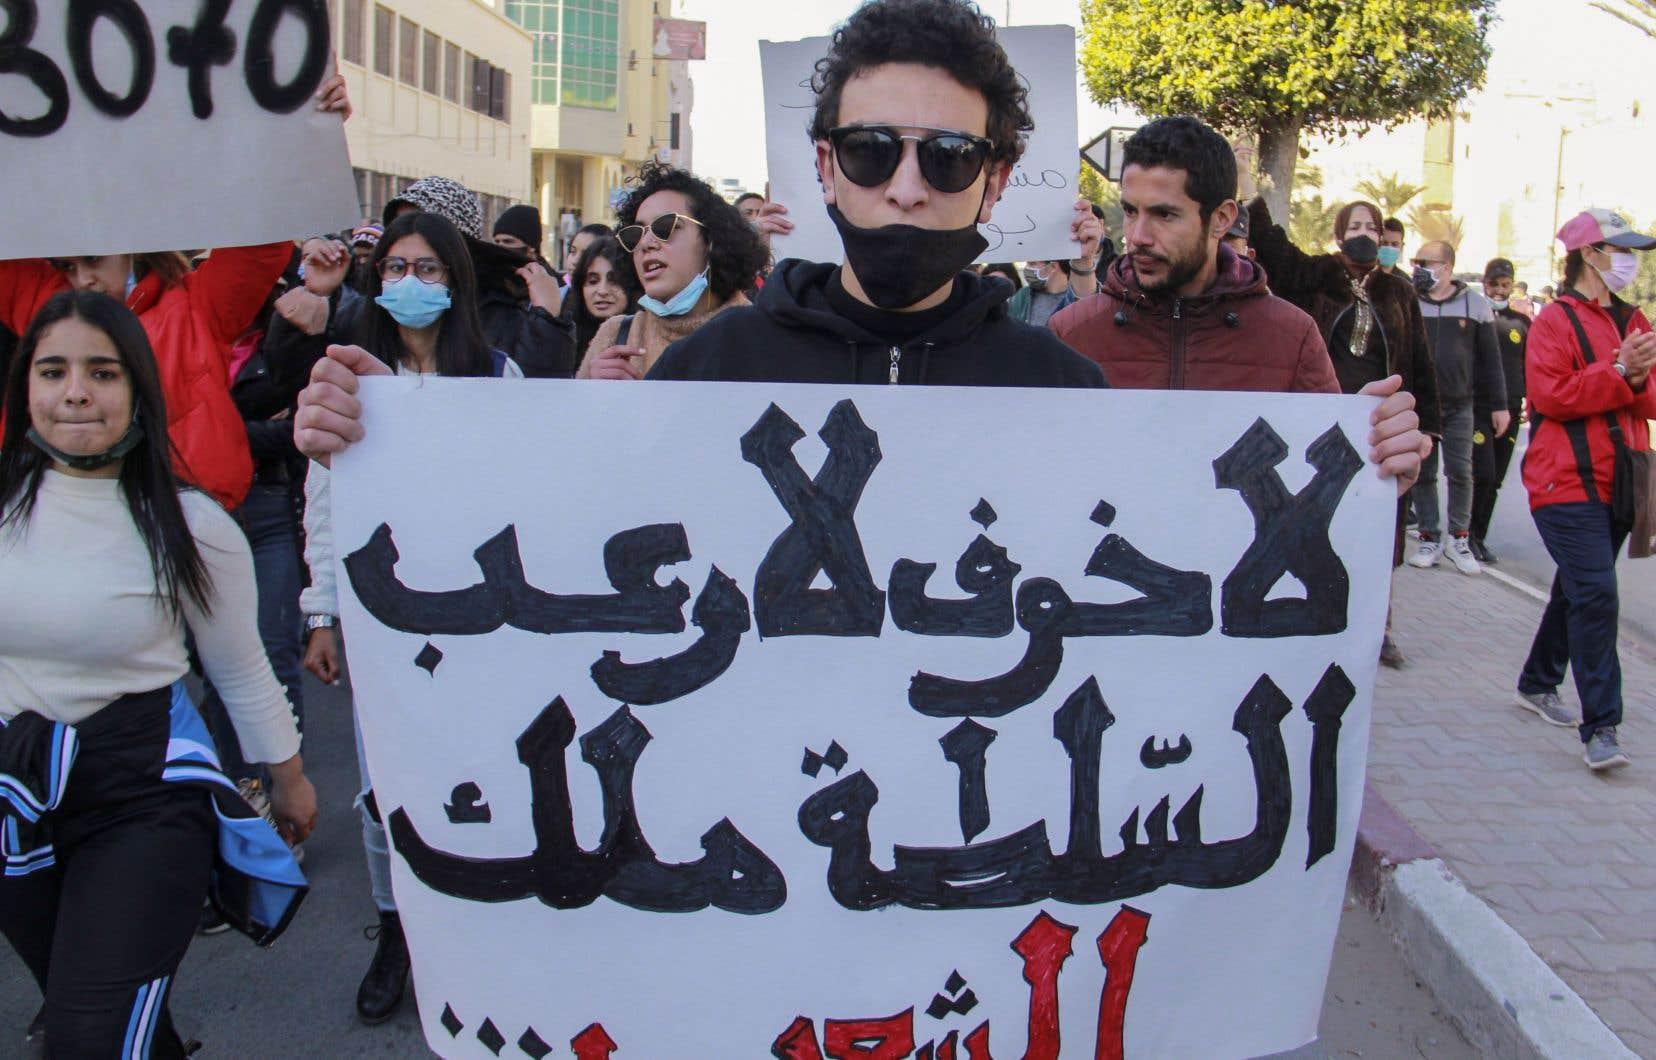 Plusieurs centaines de jeunes se sont rassemblés mardi à Tunis et à Sfax, bravant l'interdiction de rassemblement décrétée pour des raisons sanitaires.